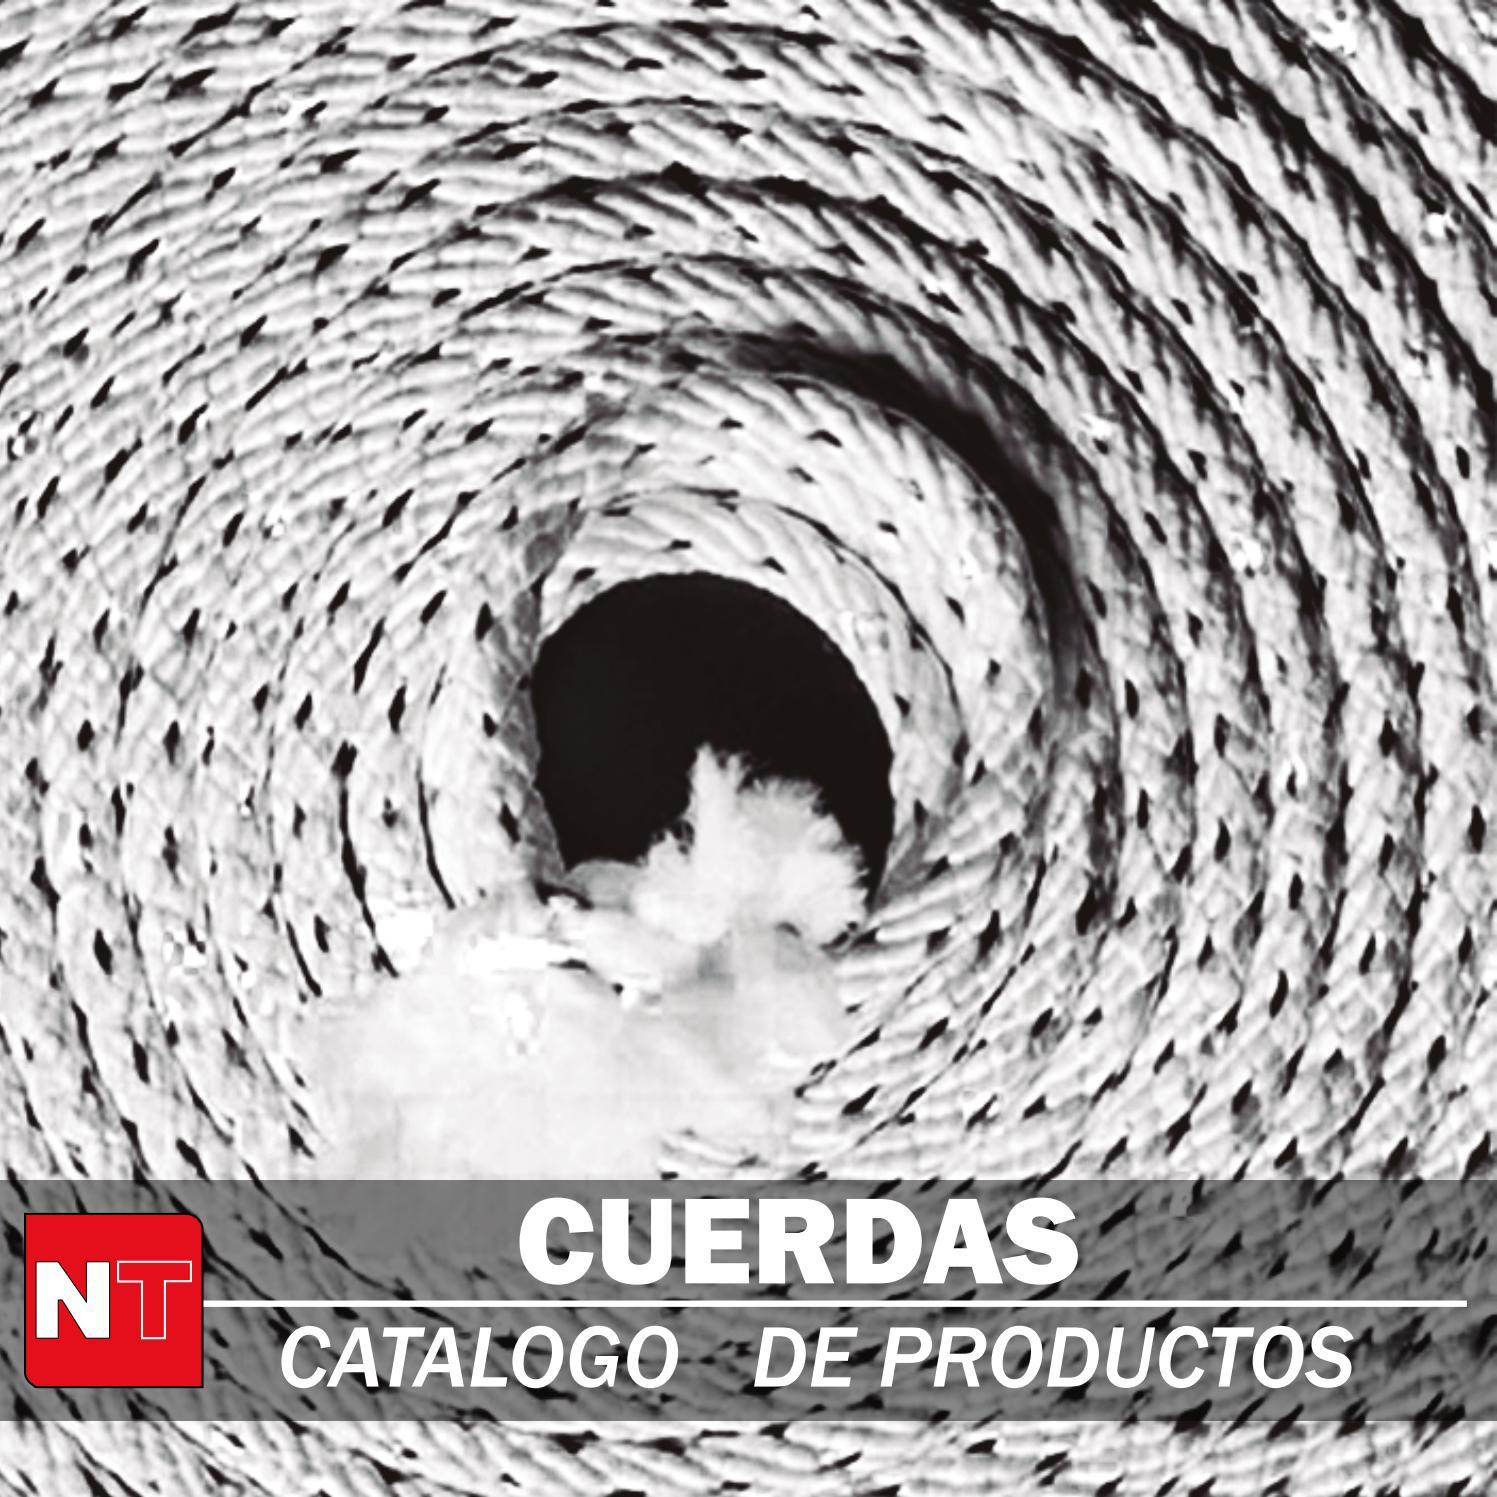 multiusos cuerda Cuerda rollo de cuerda 10m x 6mm nautica trenzada. cuerda de polyestere azul//blanco cuerda de amarre